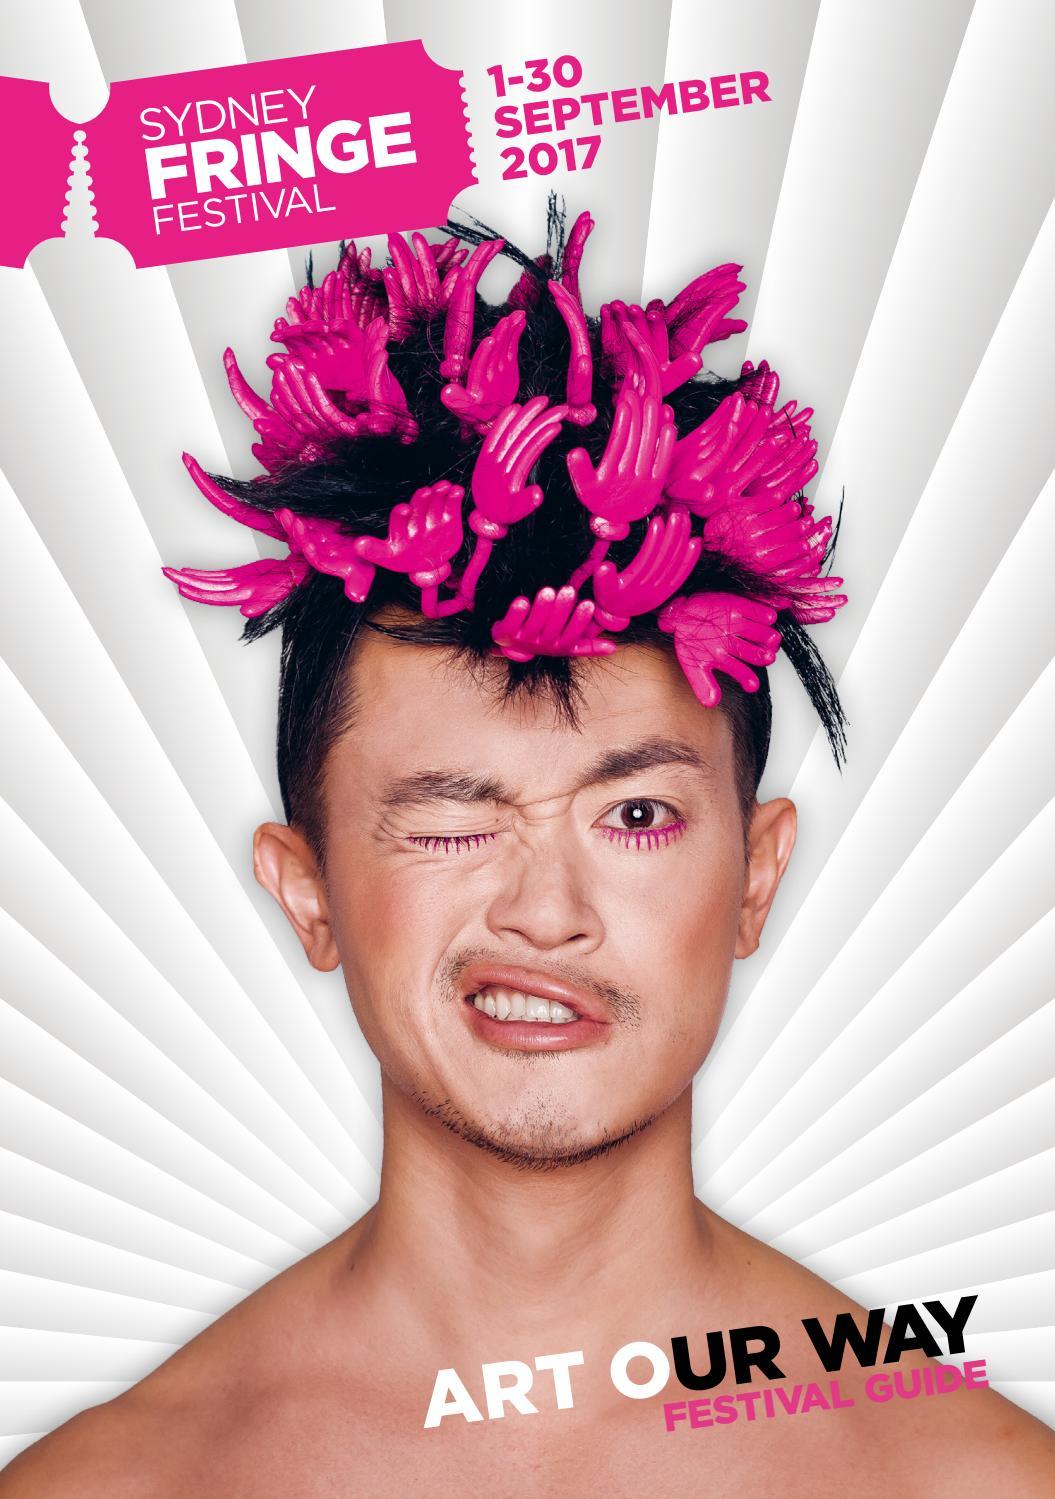 Craig furguson gay hair dresser wikipedia